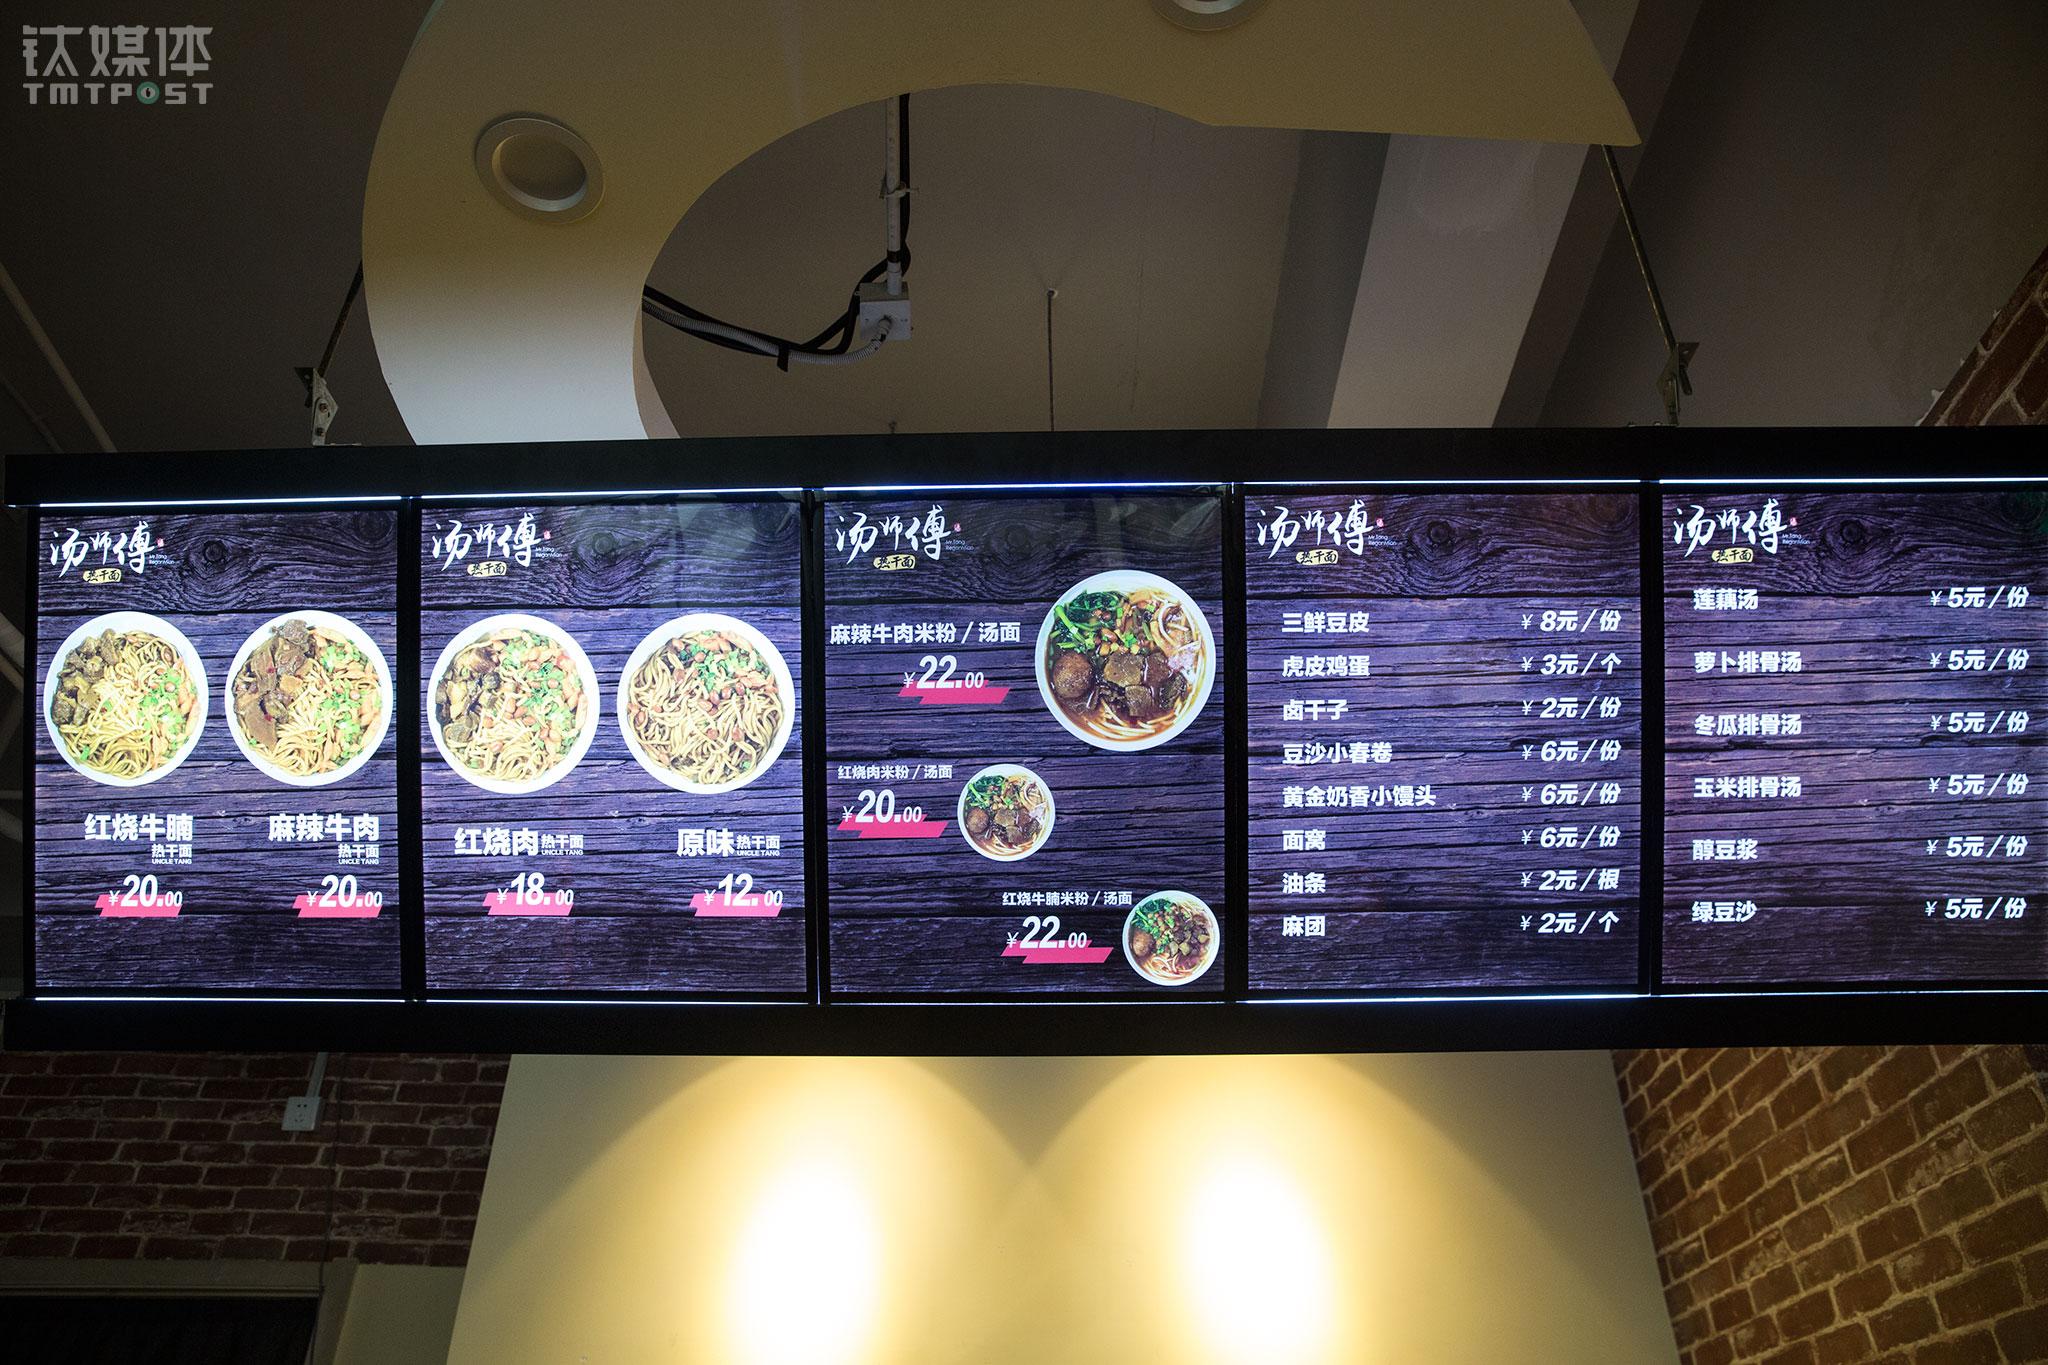 从2016年6月到2017年12月,1年半时间,汤师傅热干面先后在大黄庄、通州万达、双桥、慈云寺、长楹天街开了4家店,并且都以外卖为主要来源,甚至有的只做外卖。为了让更广泛的人群接受热干面,老汤父子做了一些改良,还重新设计了配菜小食、煨汤。常营店堂食区的价格表上,一碗面的价格在20元左右,在外卖平台上品类更加丰富,价格从十几块到四十左右不等。